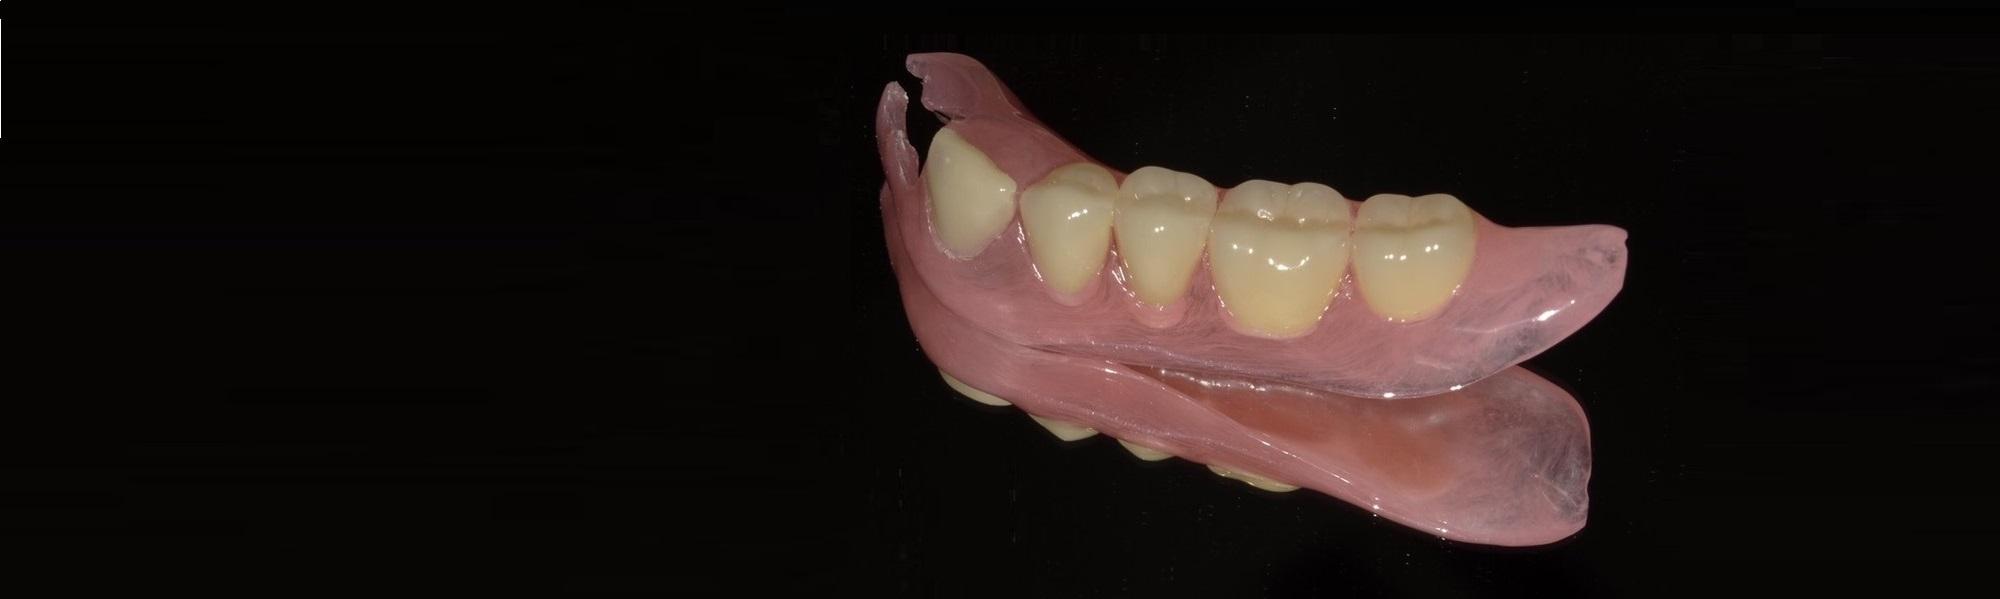 芦屋で入れ歯をお探しの方はBio Dental Clinic ASHIYAへ